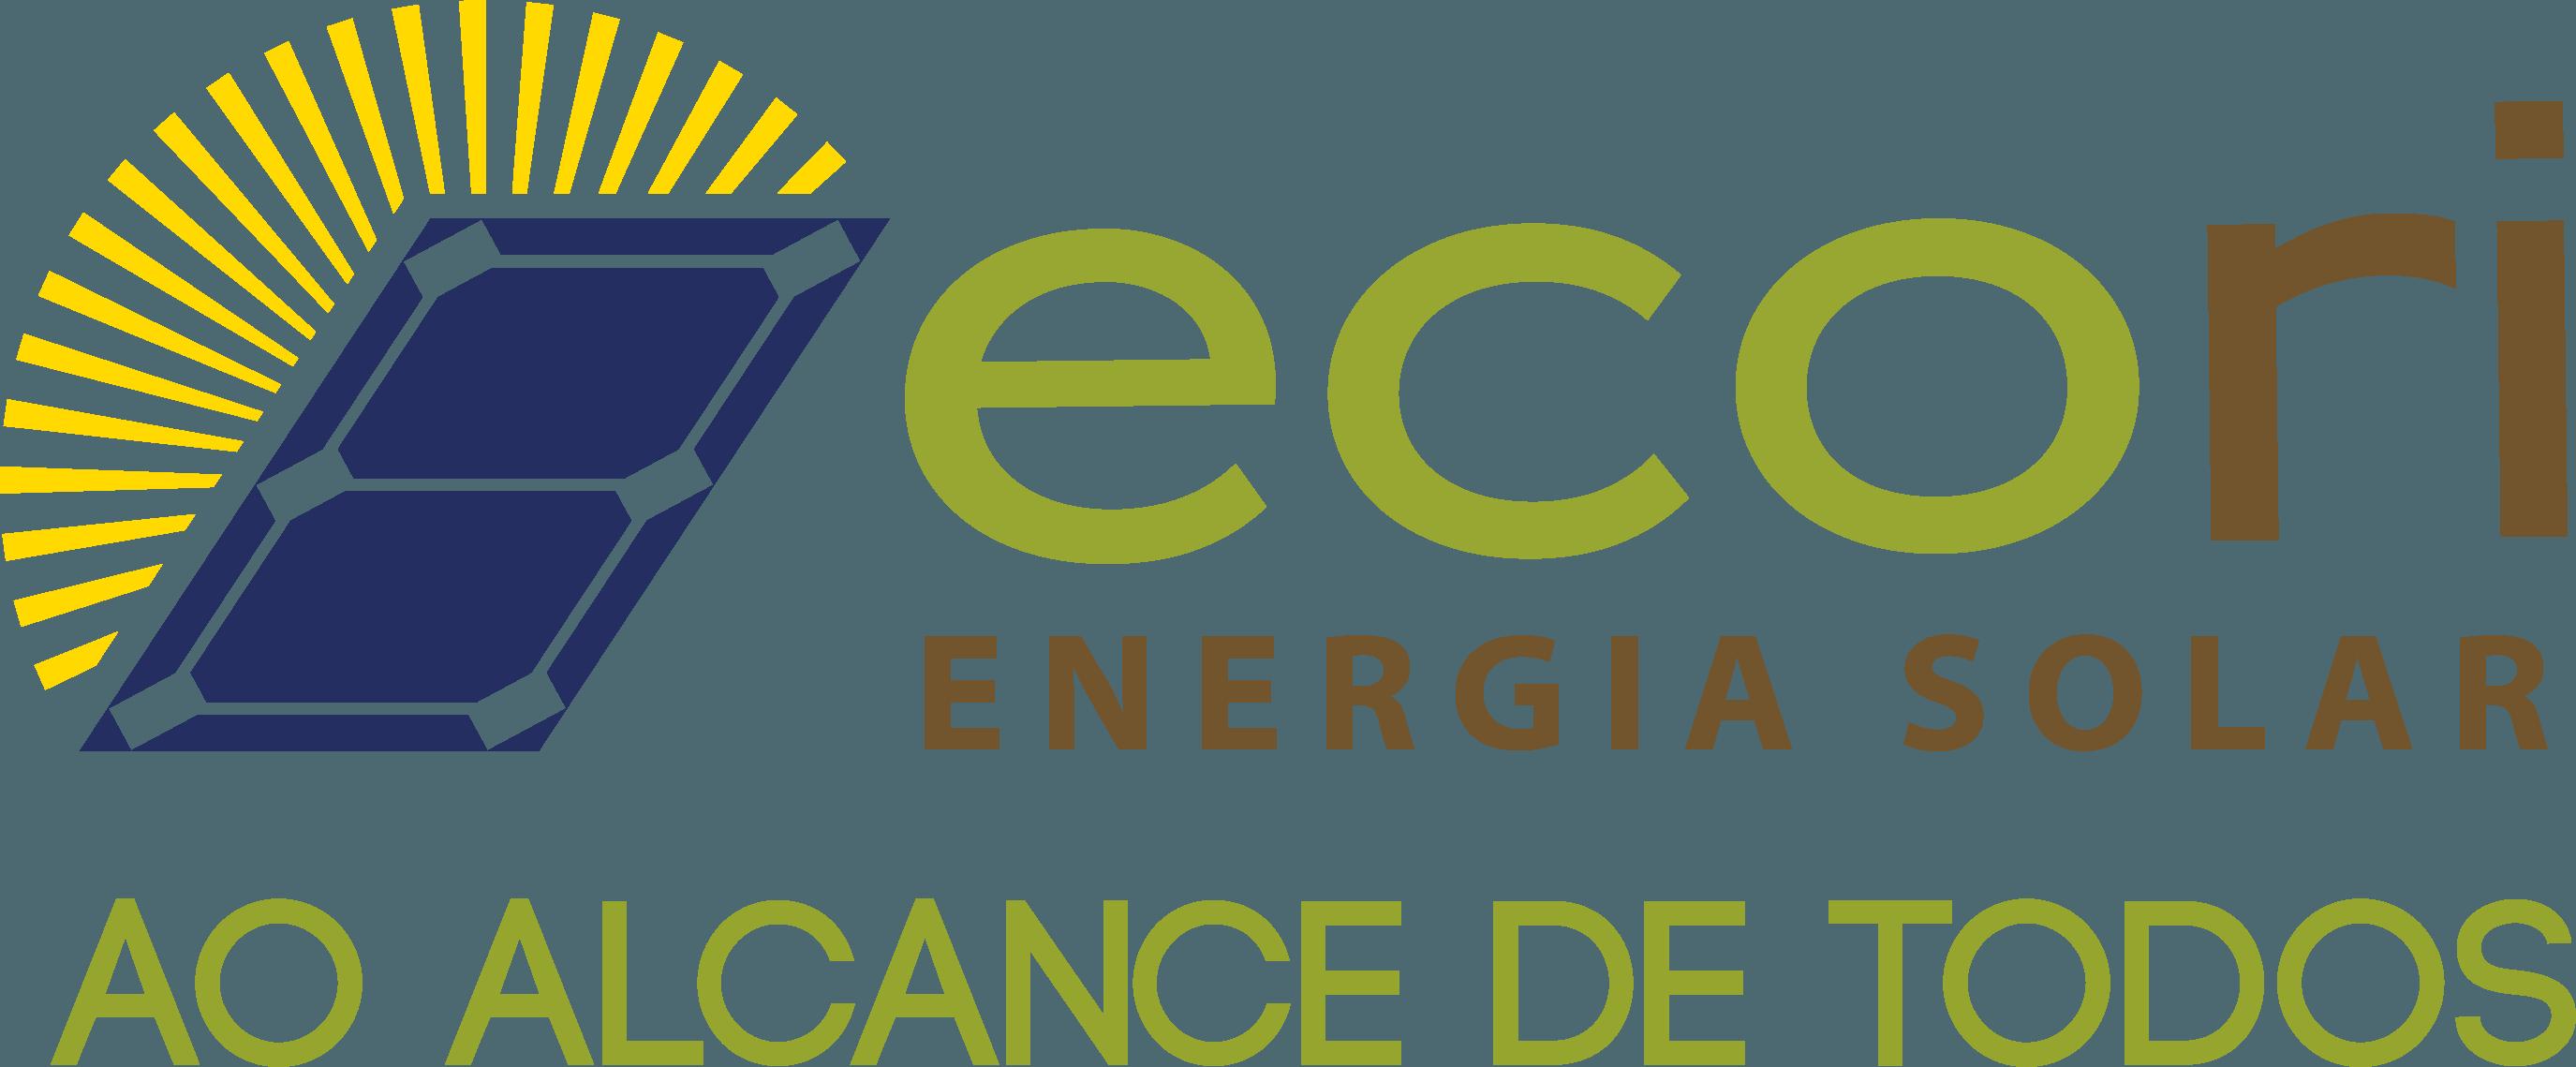 Logomarca Ecori Energia Solar